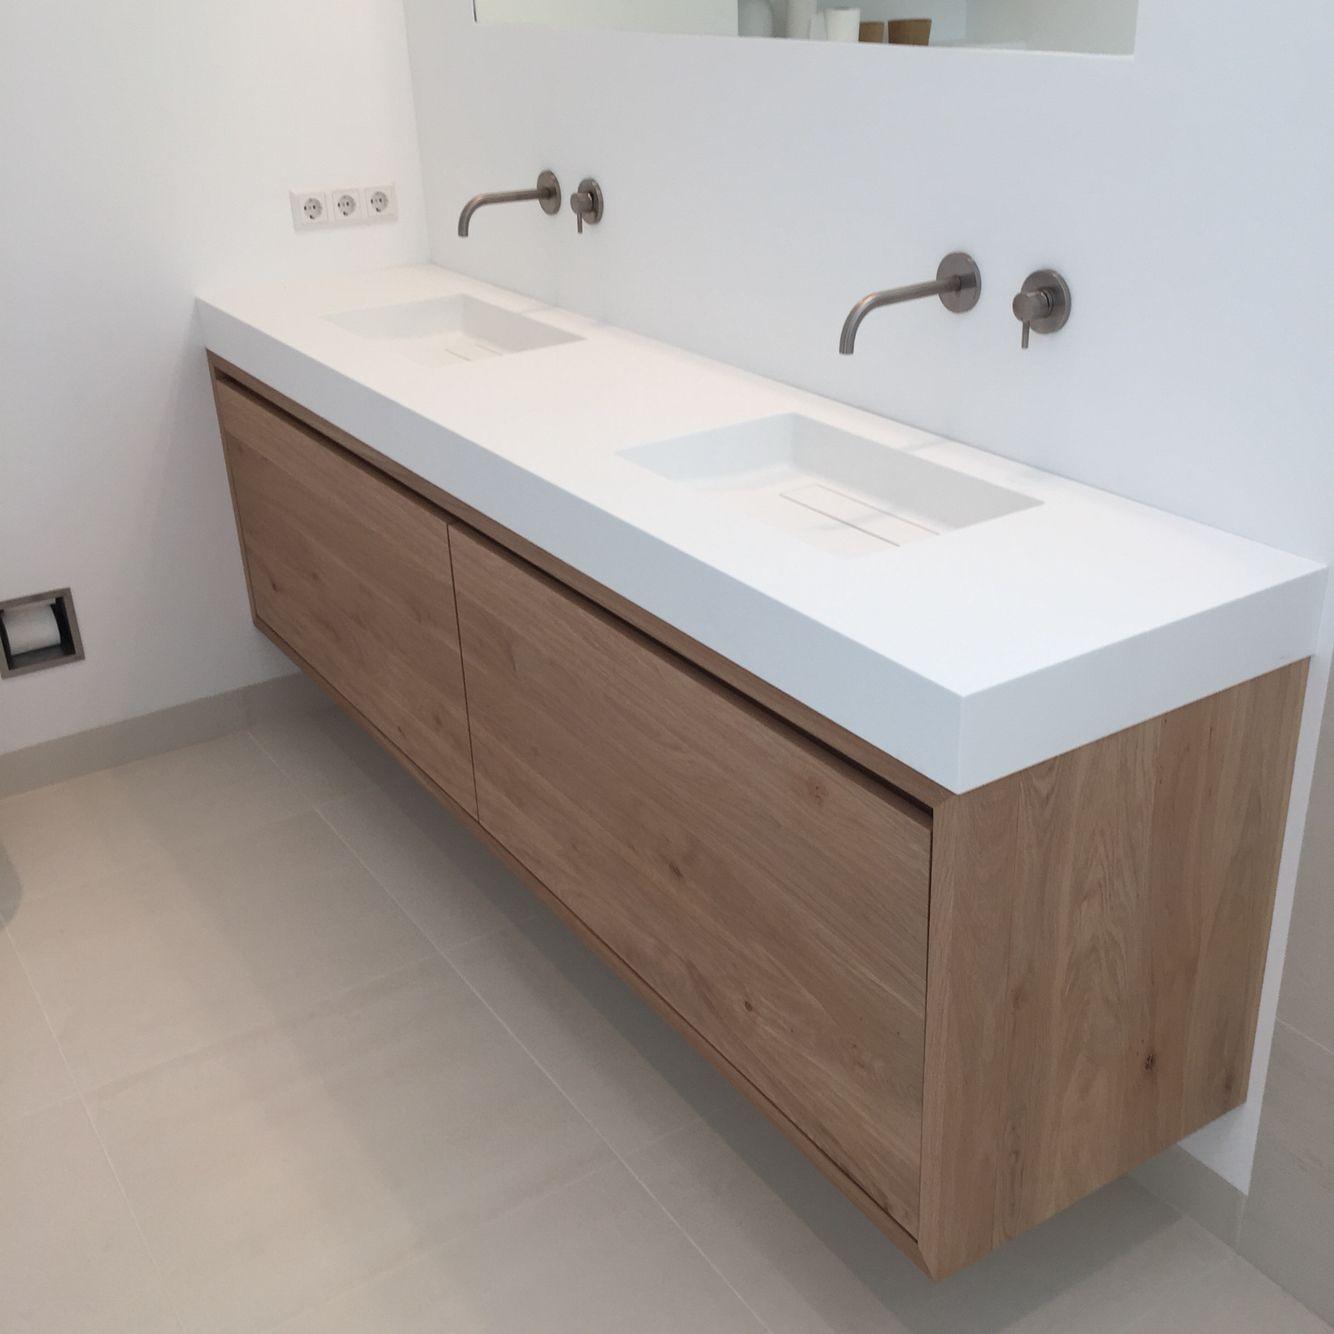 Badkamer meubel van eiken op maat gemaakt door salle de bains pinterest - Deco badkamer meubels ...